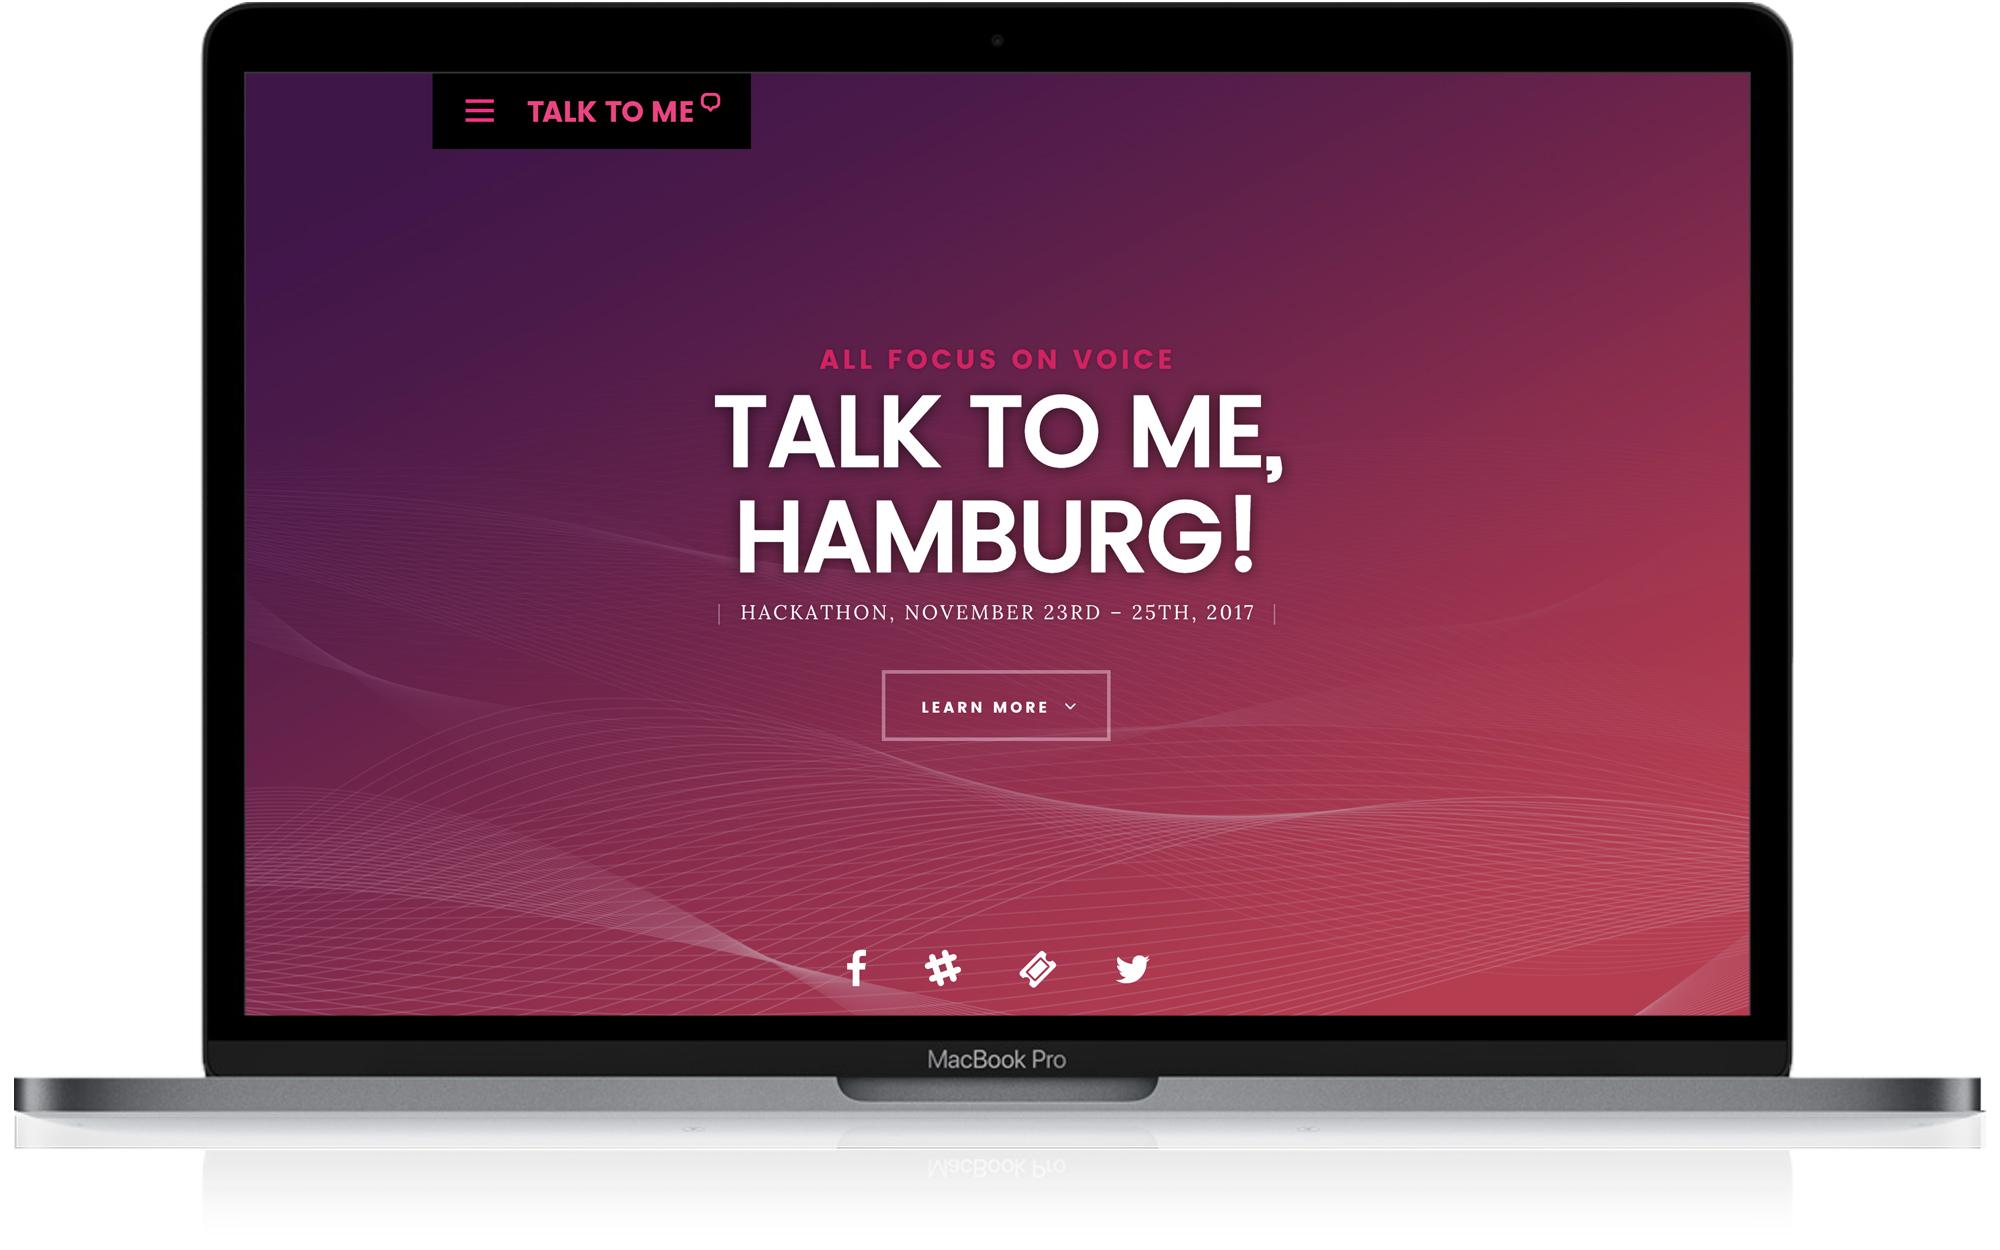 Talk to me Hamburg